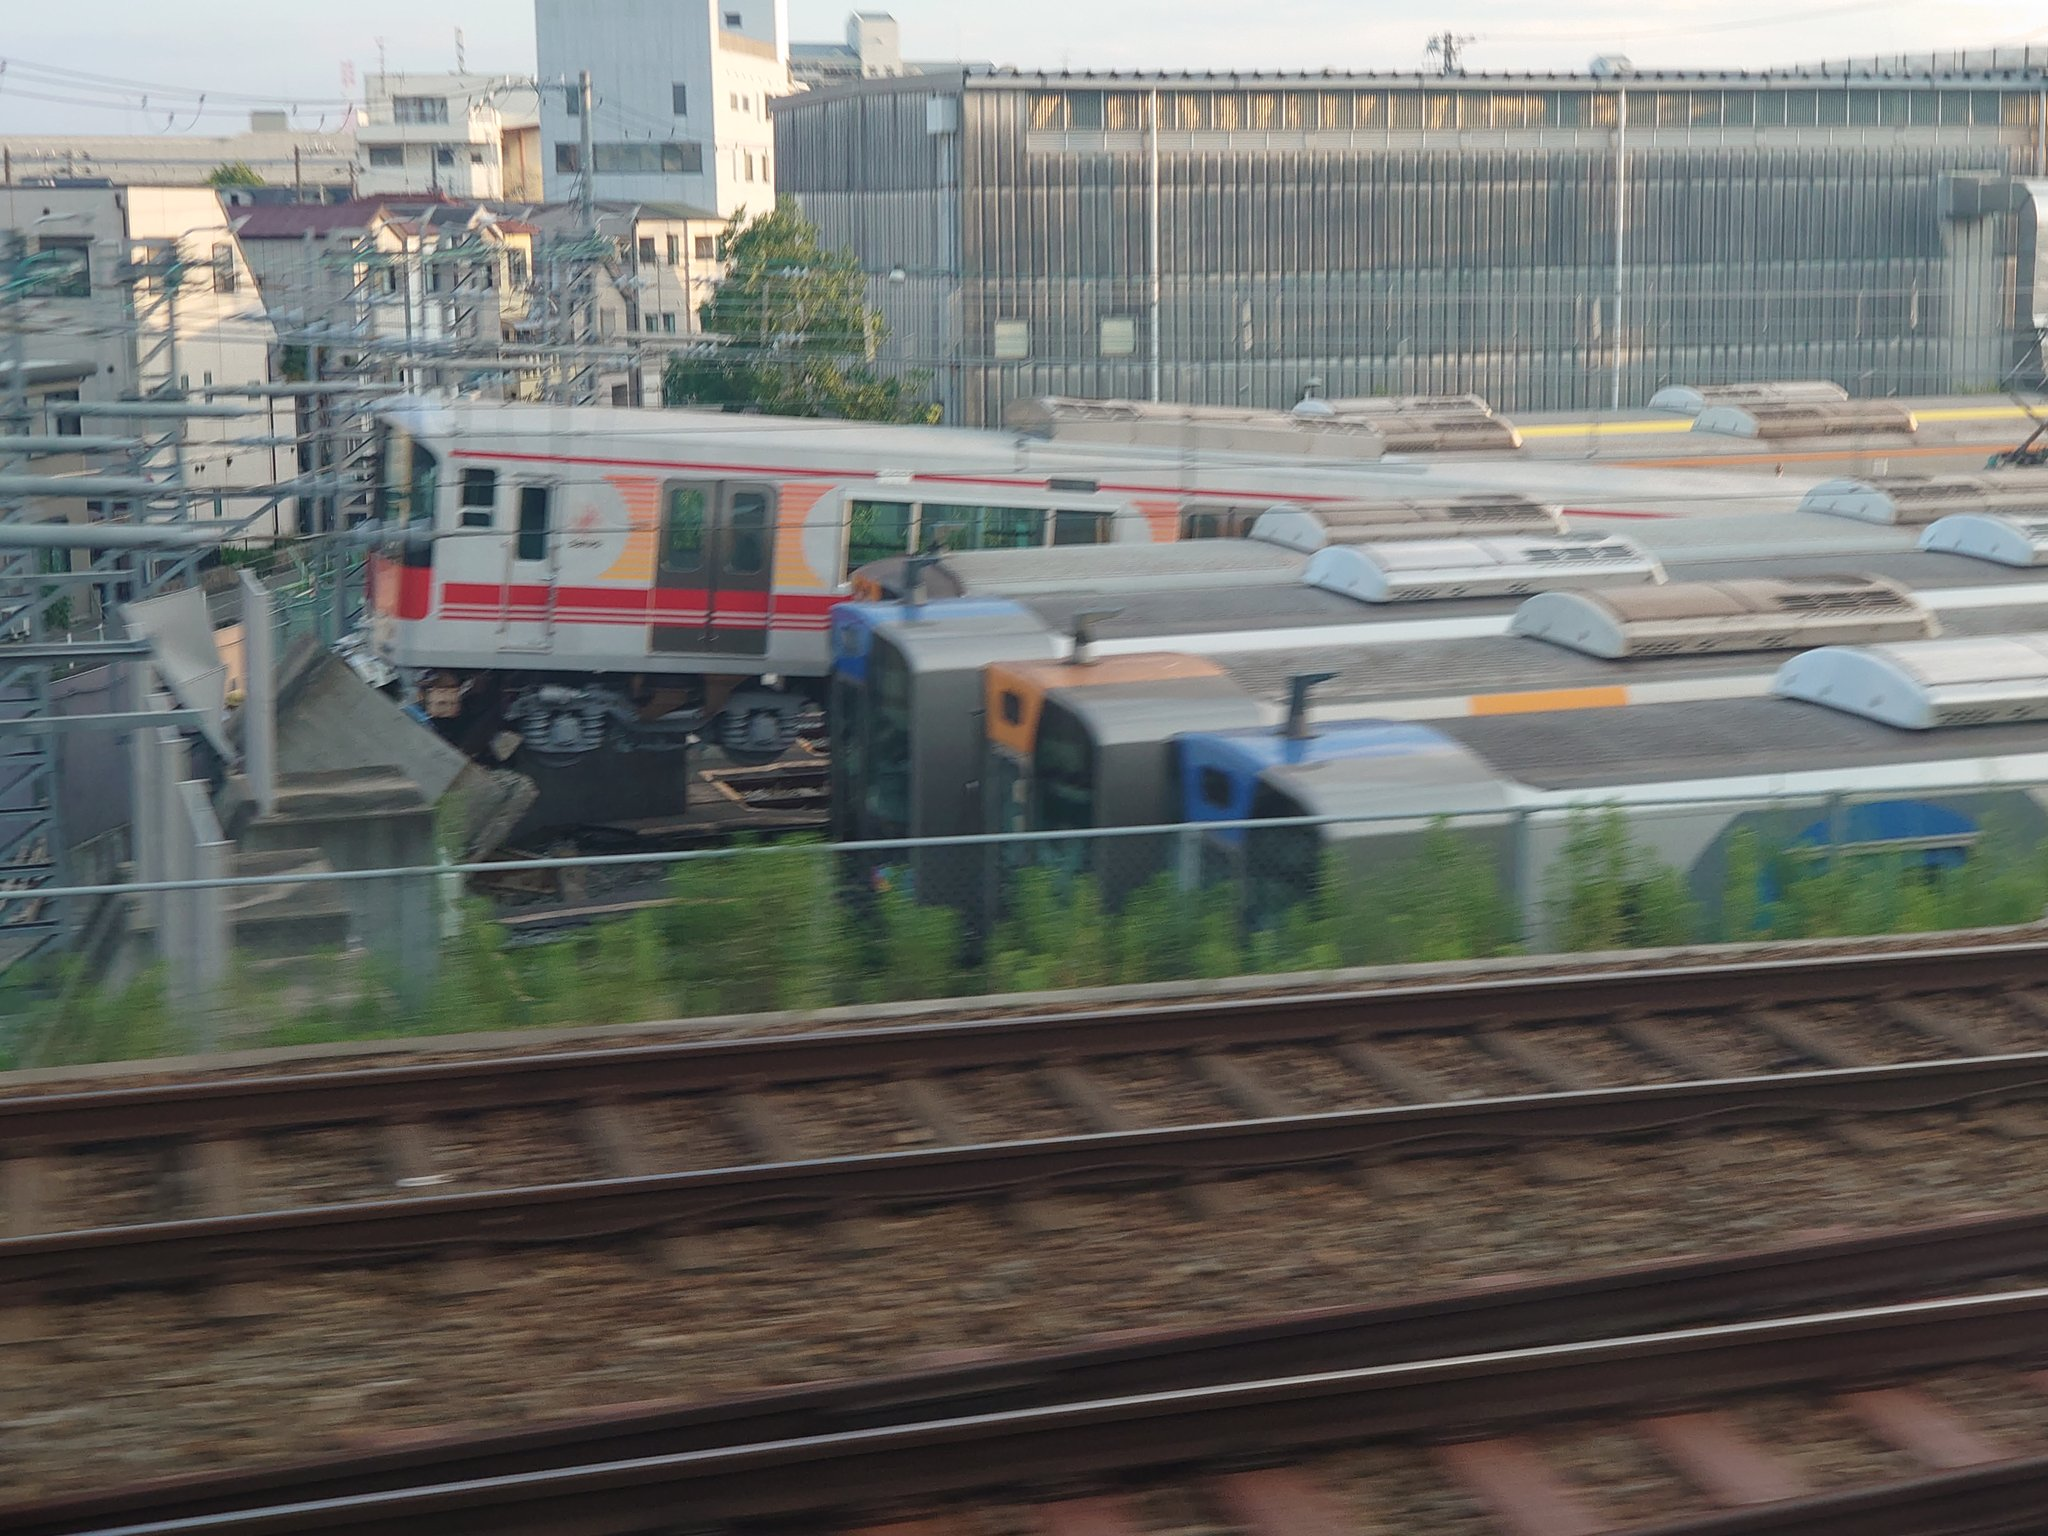 山陽電鉄5000系の5703Fが車止めを乗り越えている画像